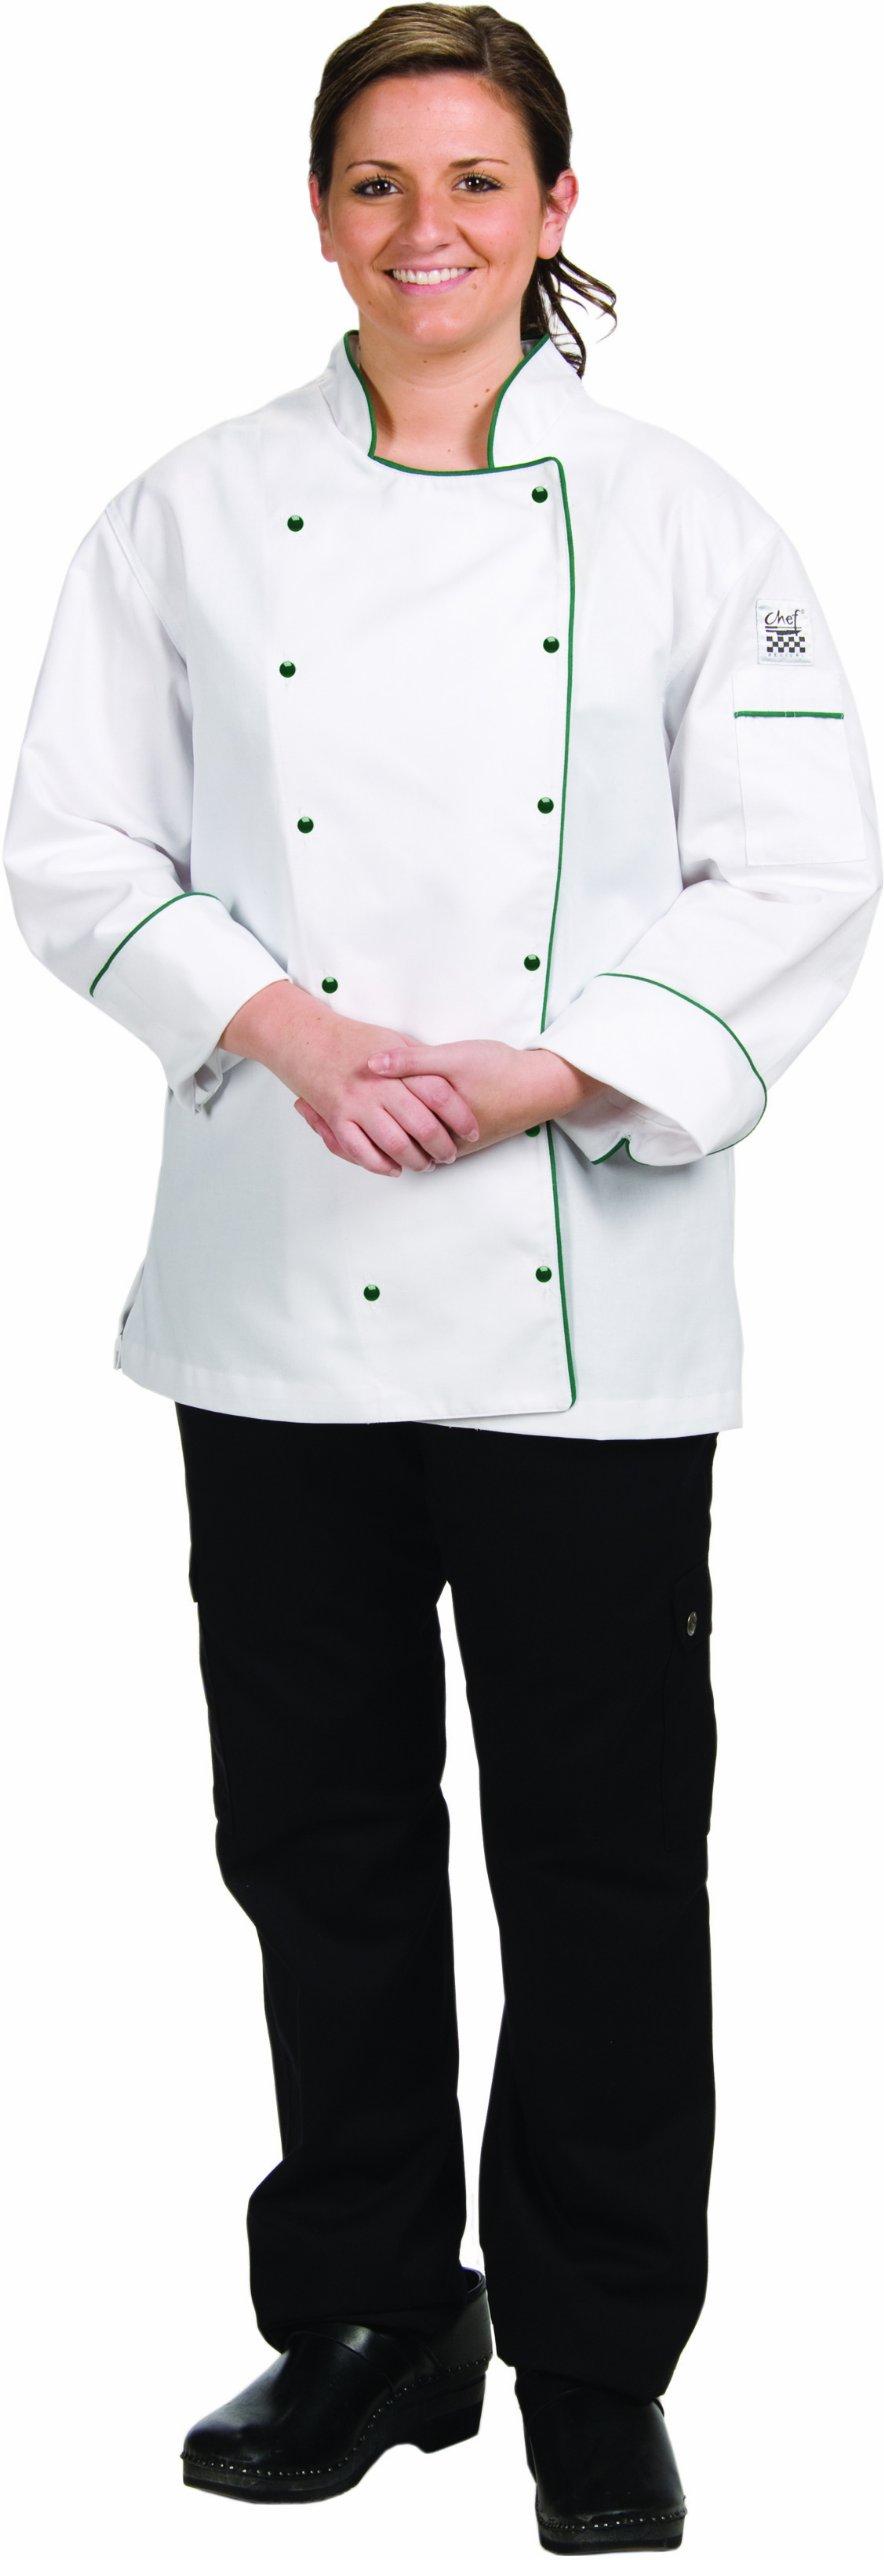 Chef-Tex Ladies Brigade Jacket